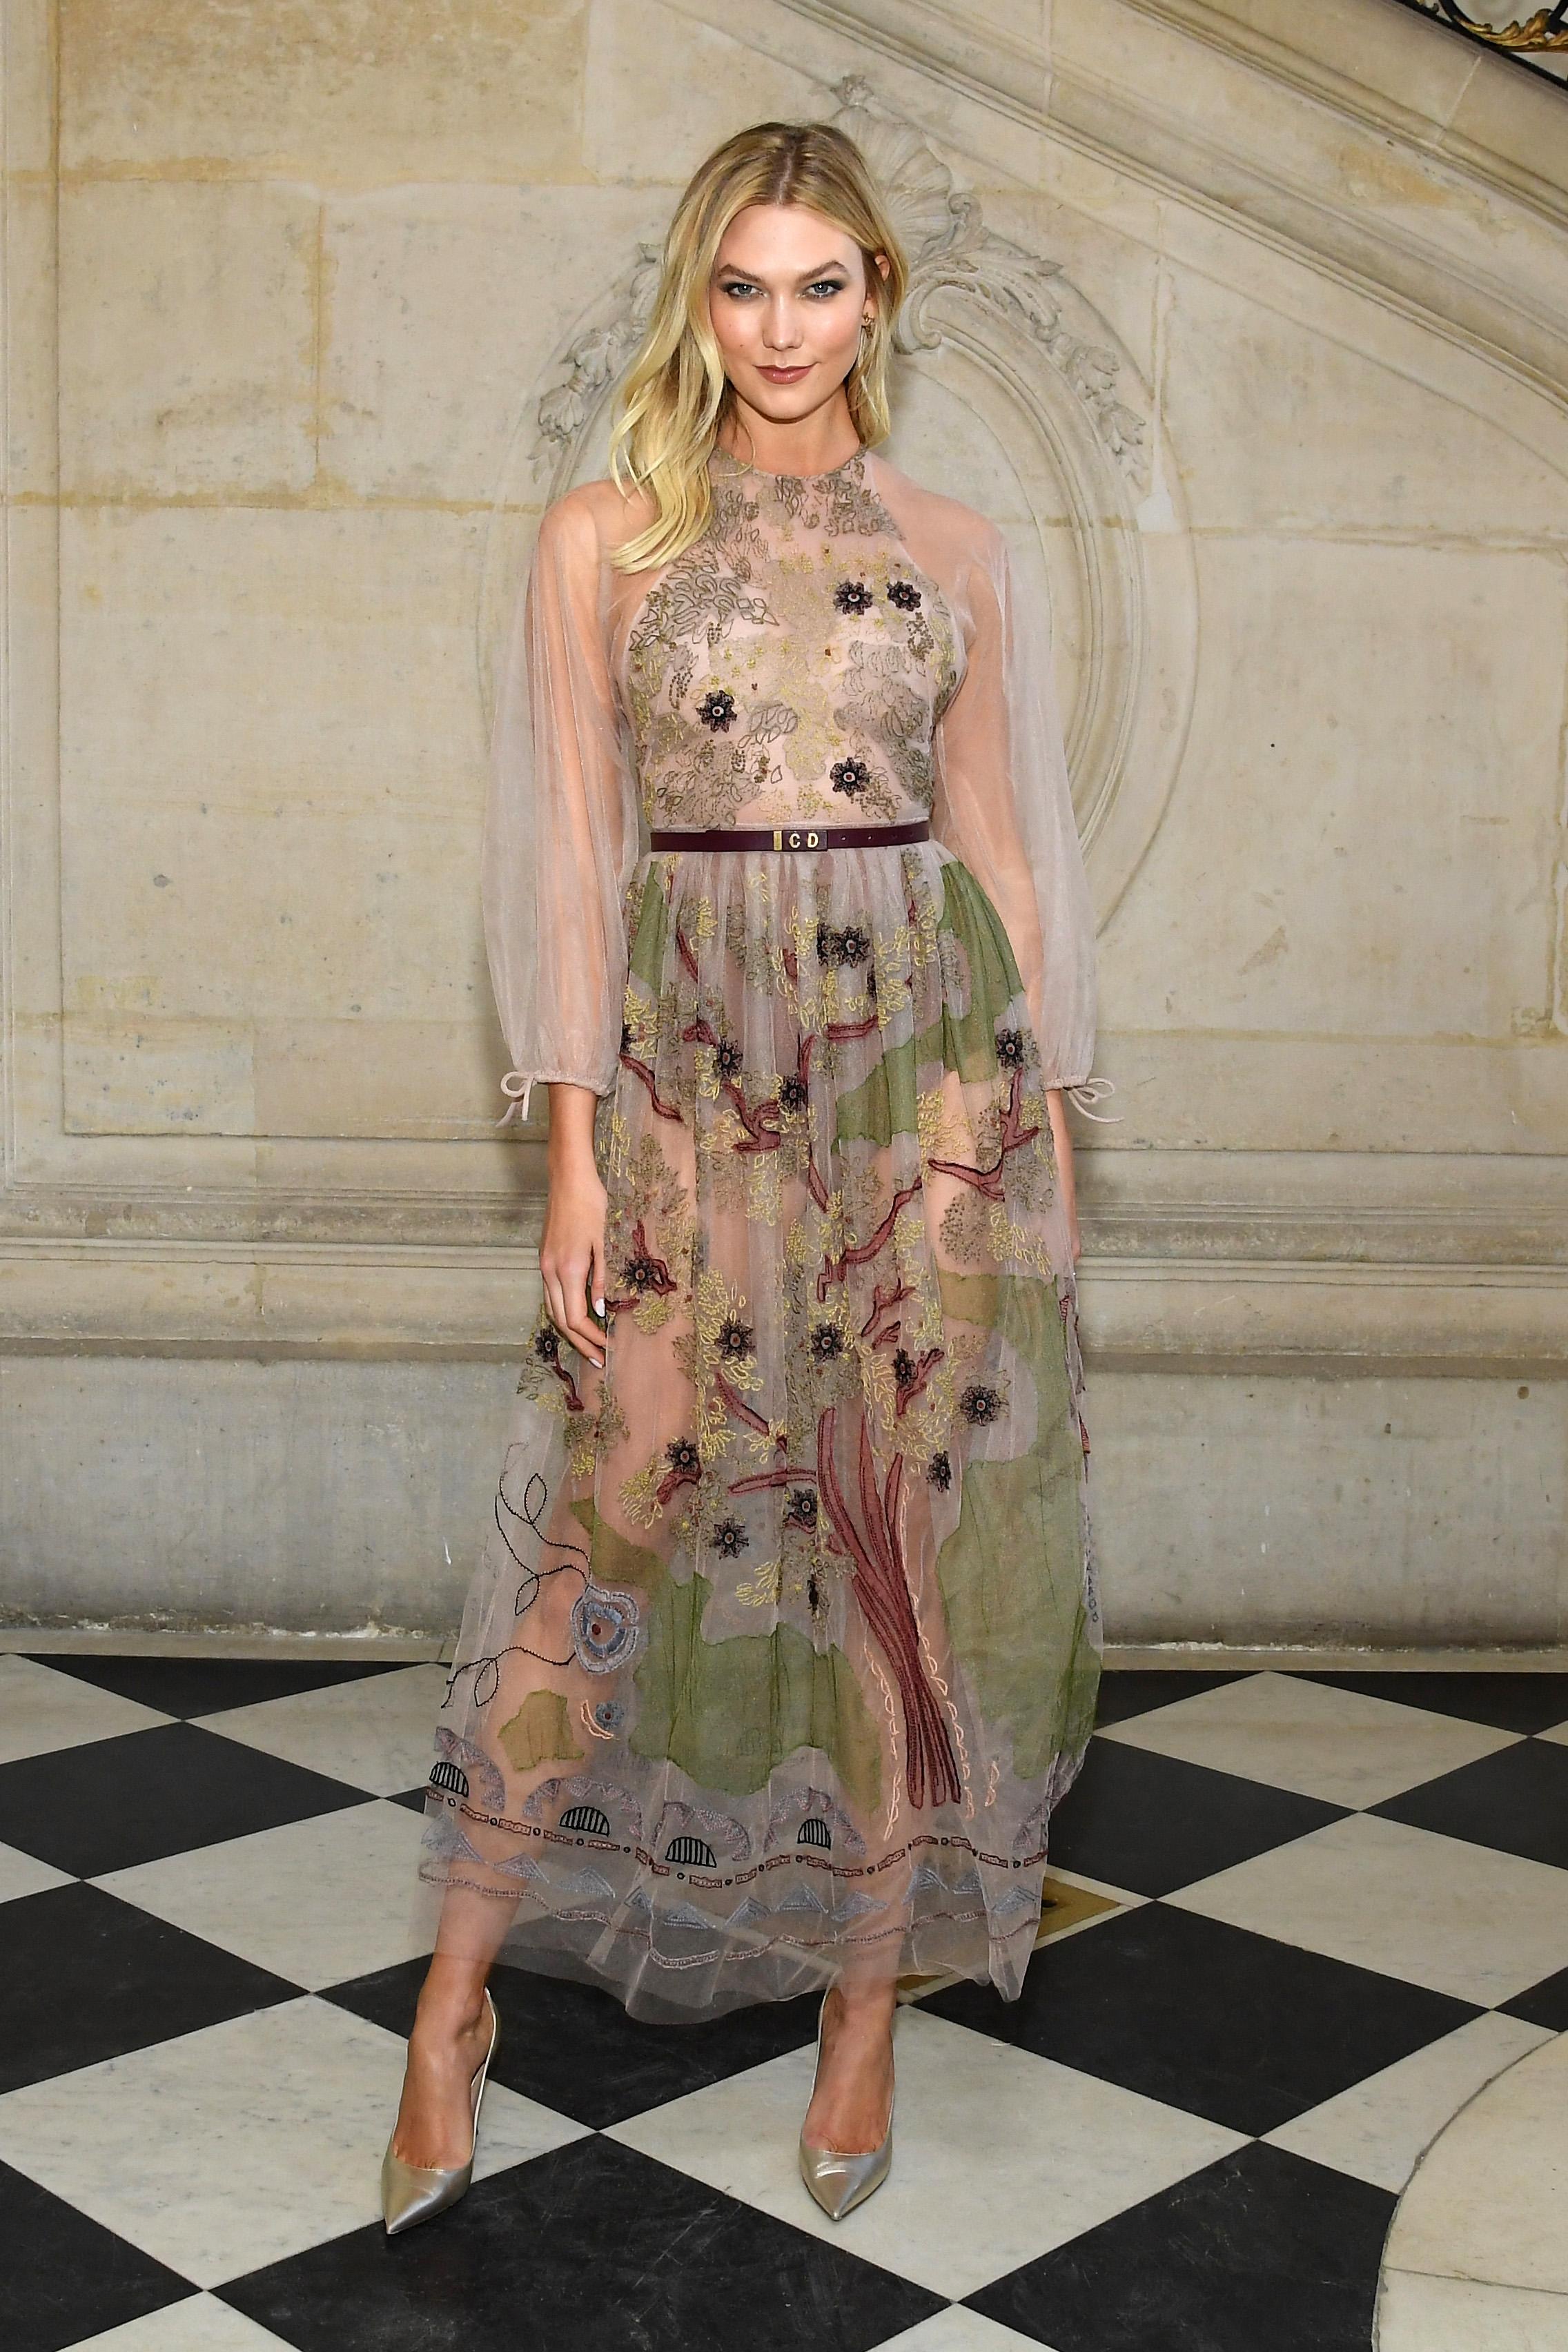 Dàn sao quốc tế đổ bộ Tuần lễ Thời trang Haute Couture Xuân - Hè 2019 12